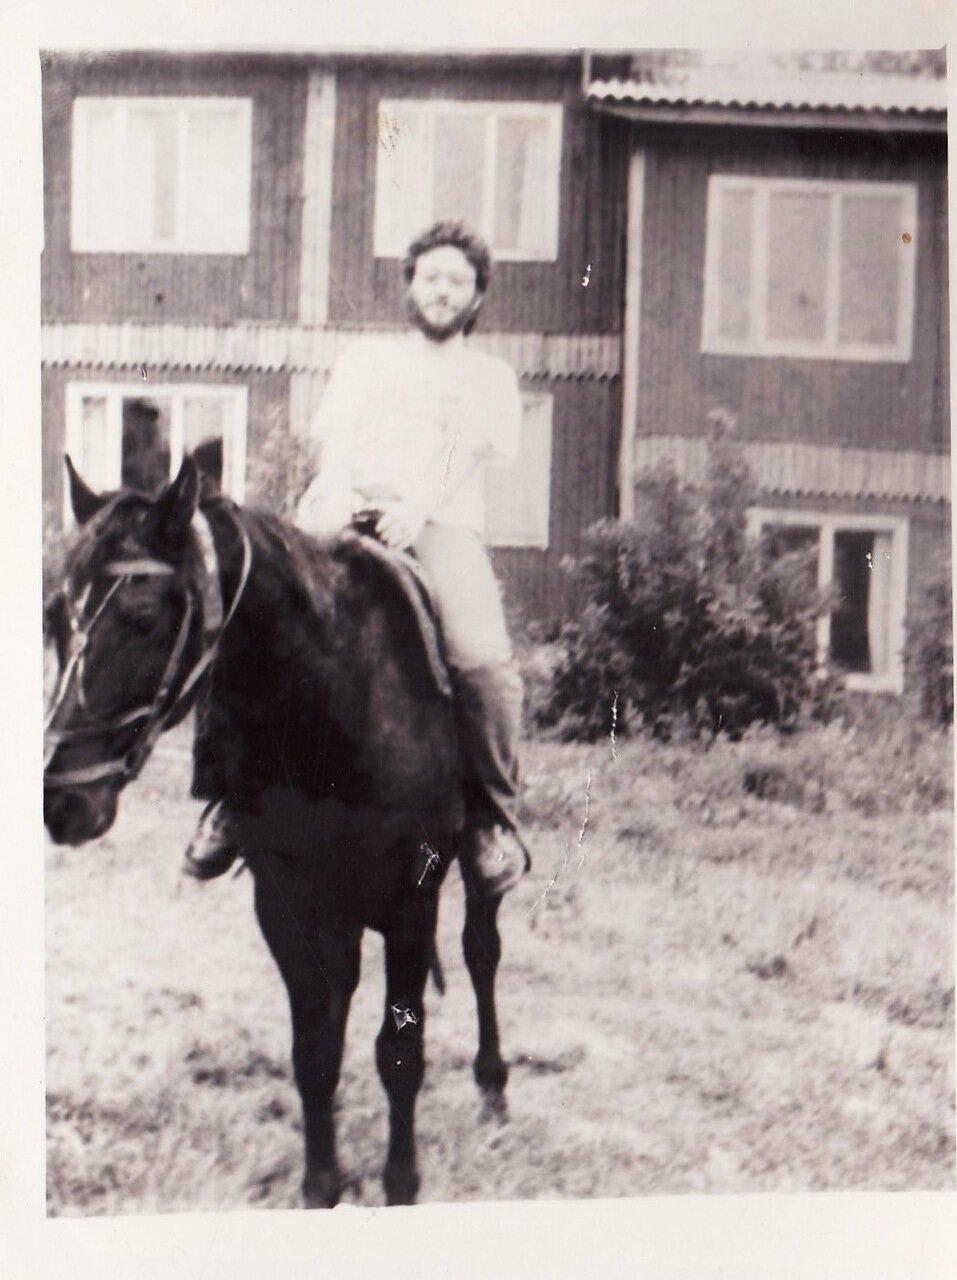 1992. Боровое, Новосибирская область. Мне повезло больше Ричарда: я купил лошадь за бутылку